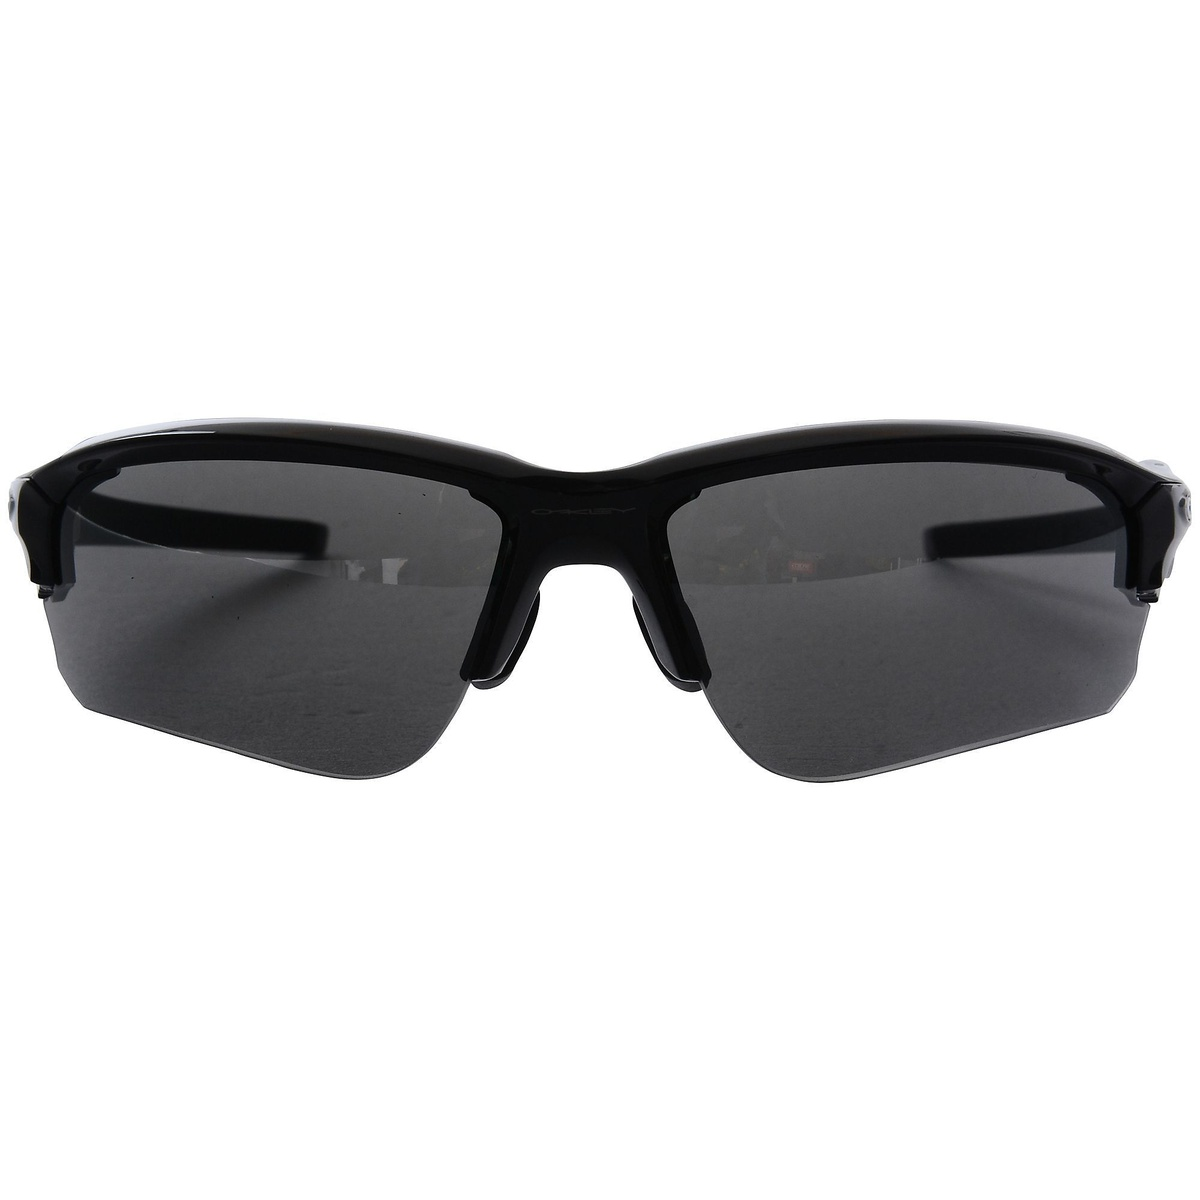 【送料無料】 OAKLEY(オークリー) スポーツアクセサリー サングラス FLAK DRAFT (A) POL BLK W/ BLACK IRID POLISHED BLACK 0OO9373 93730170